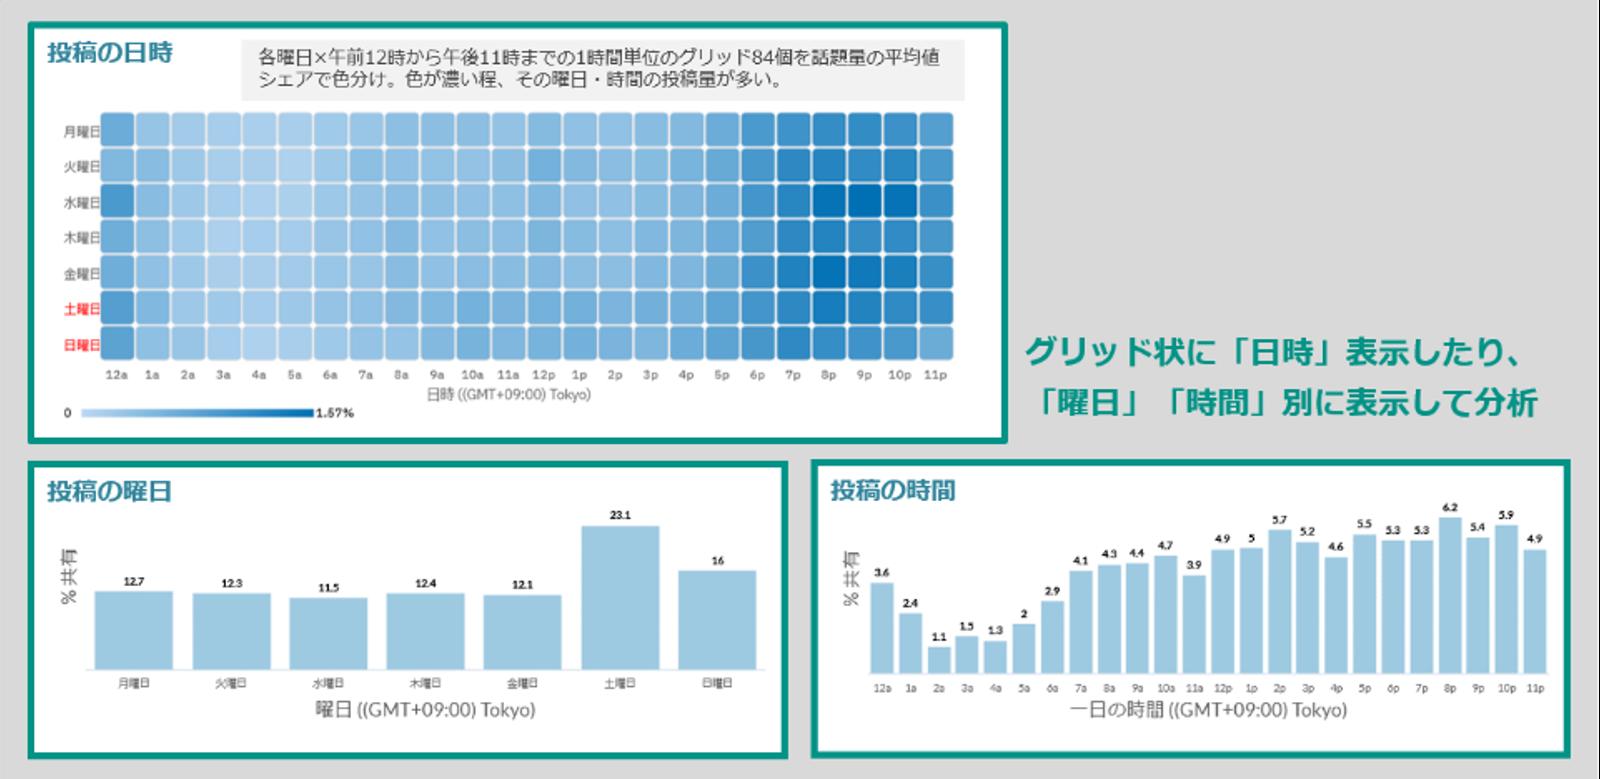 頻出キーワード分析比較グラフ